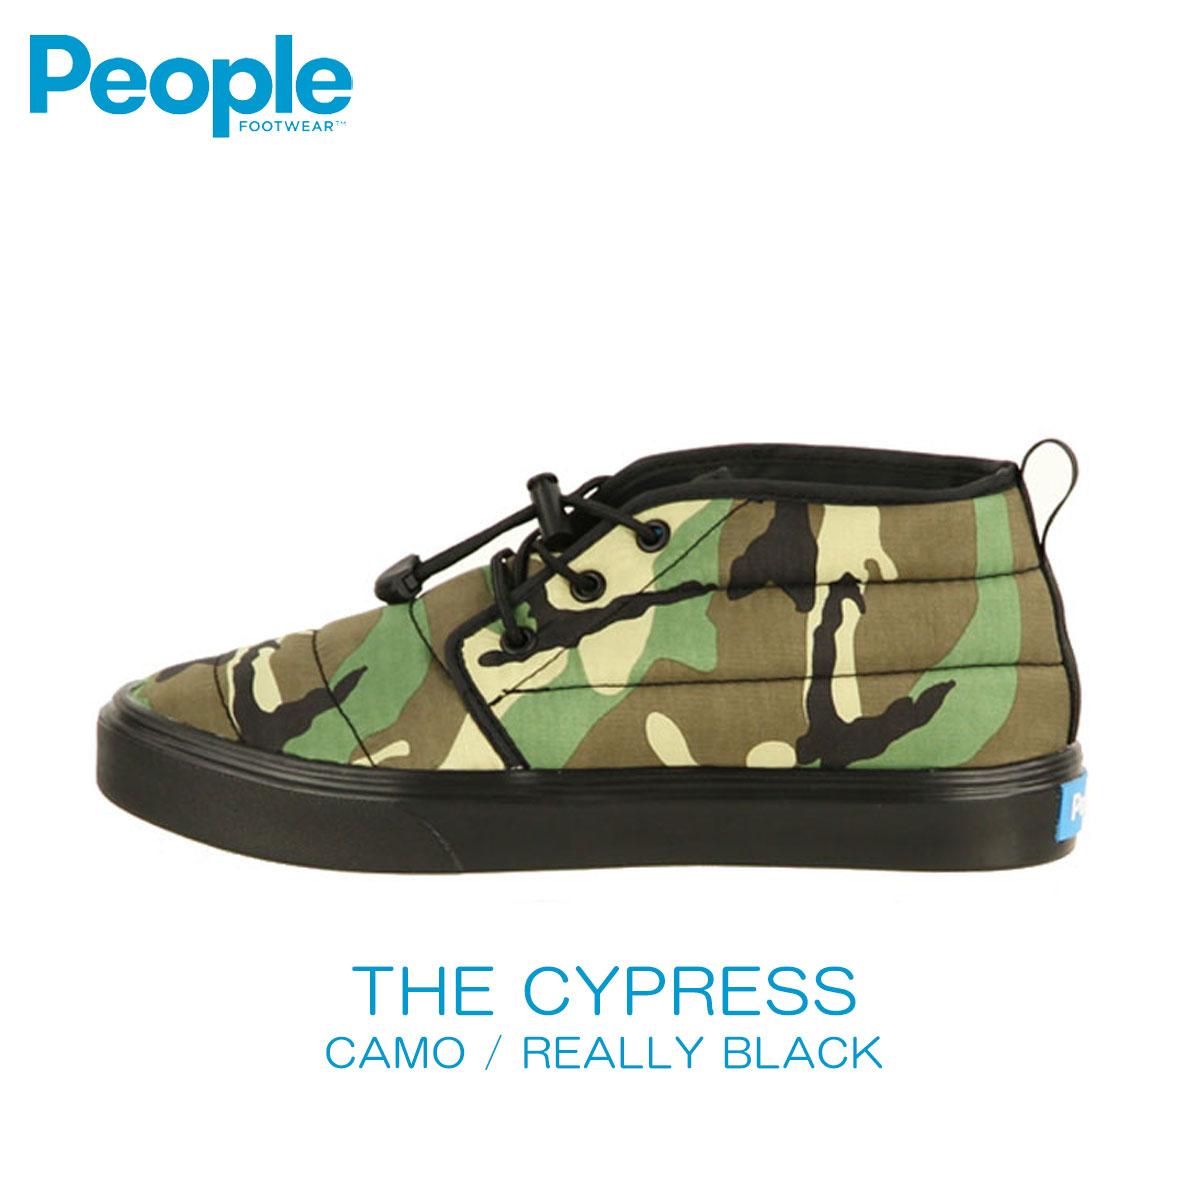 【販売期間 5/4 10:00~5/7 09:59】 ピープルフットウェア People Footwear 正規品 メンズ 靴 シューズ THE CYPRESS NC08-012 CAMO / REALLY BLACK D00S20